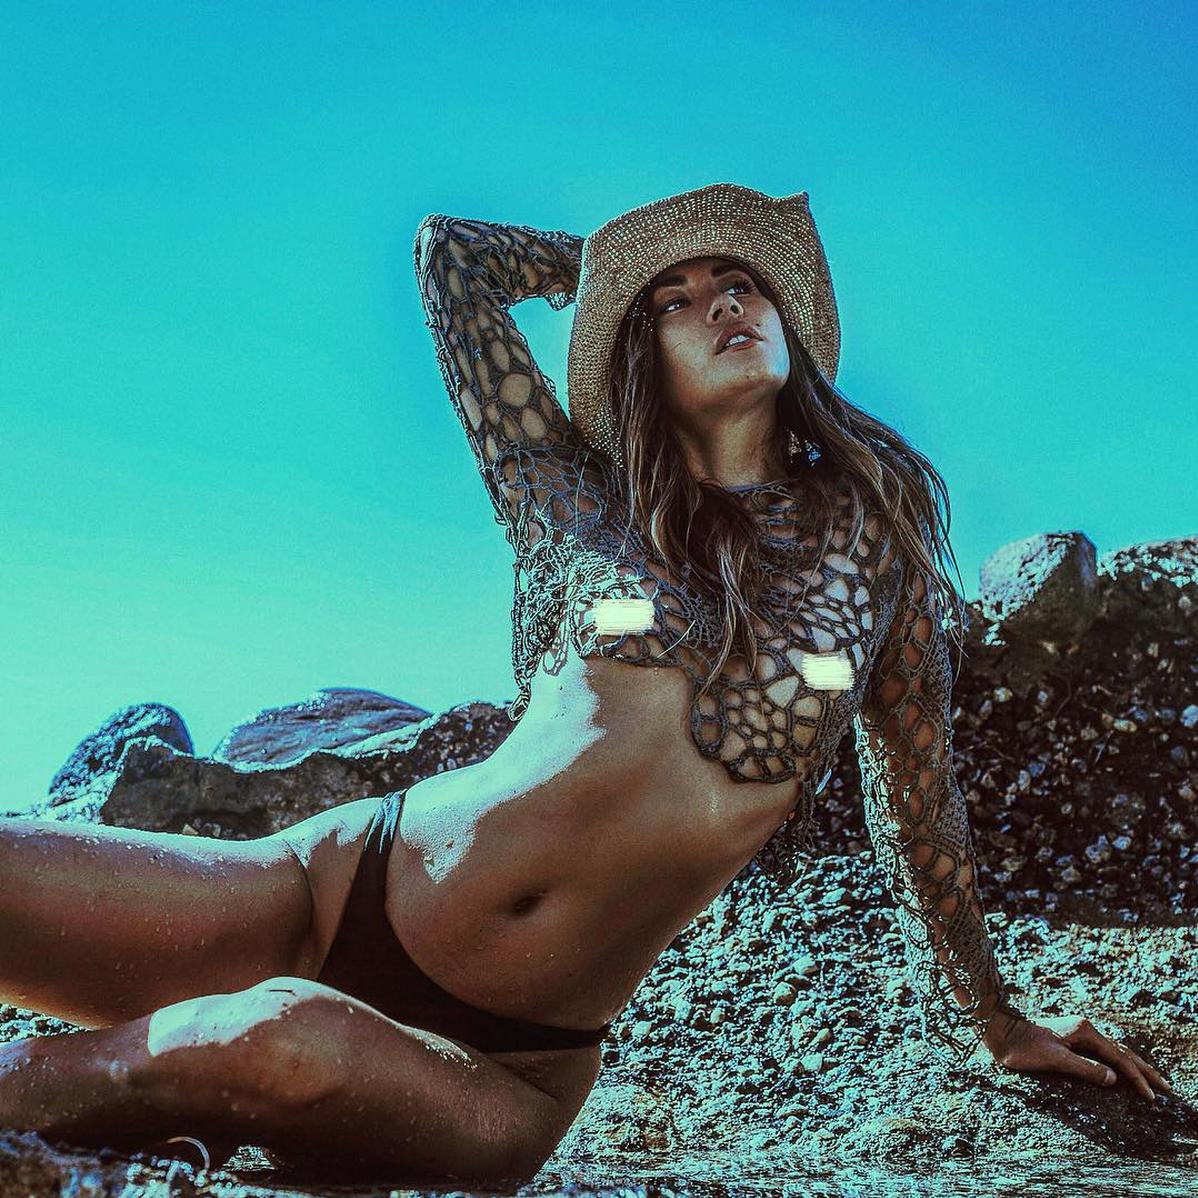 Malibu Shoot